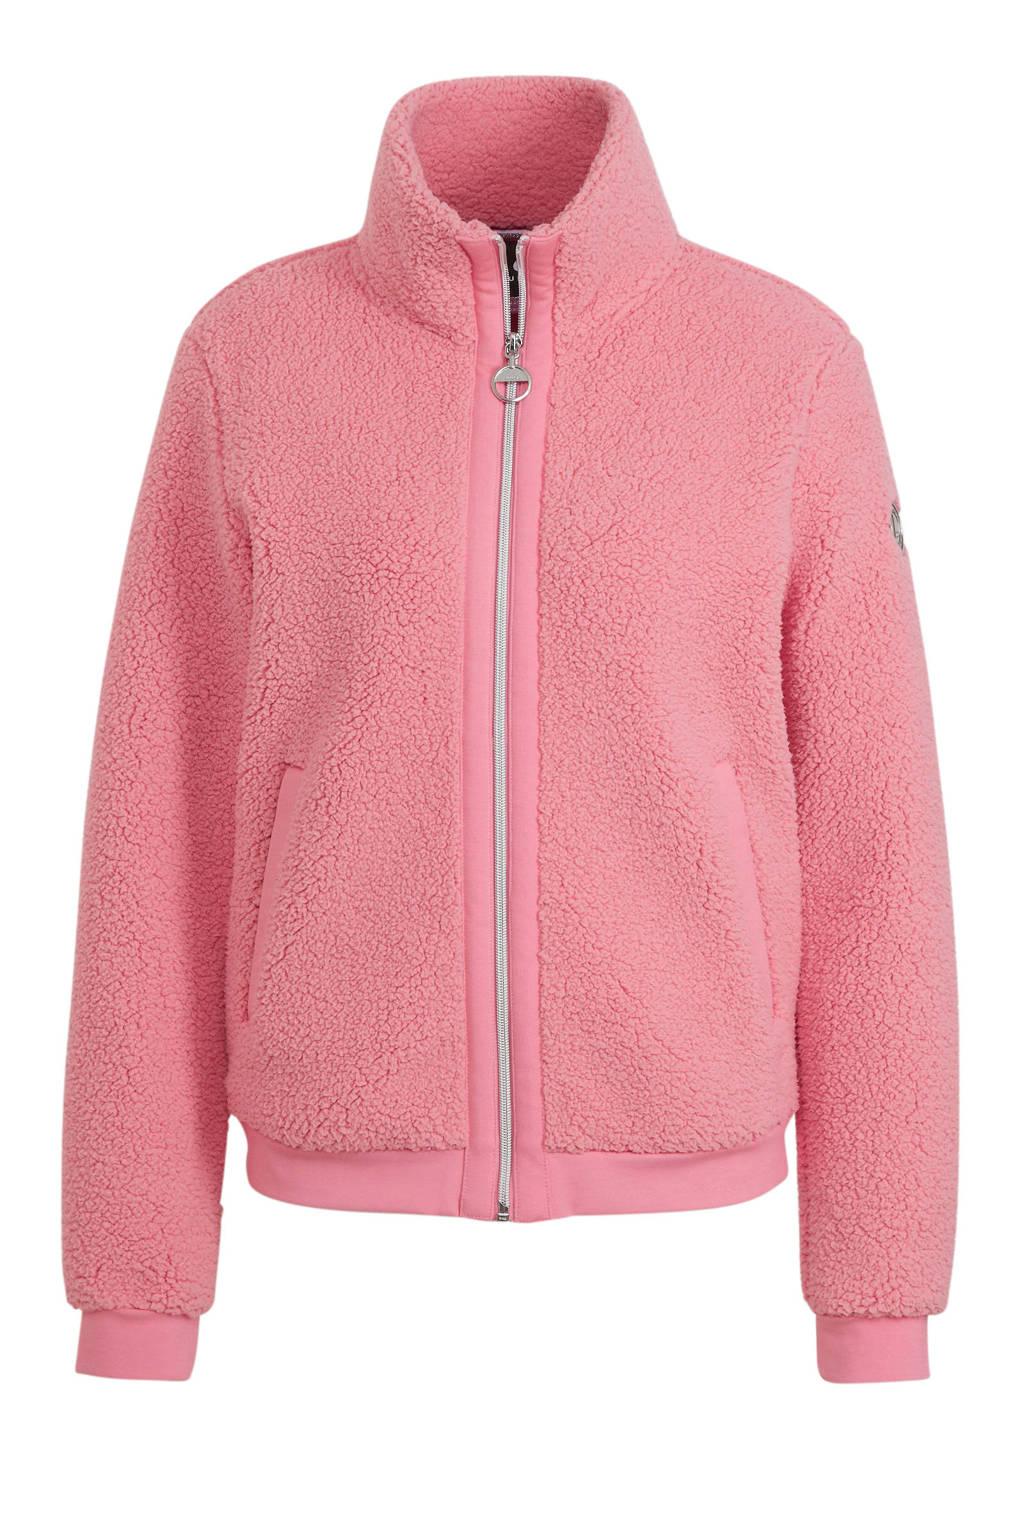 Luhta outdoor vest Edina roze, Roze